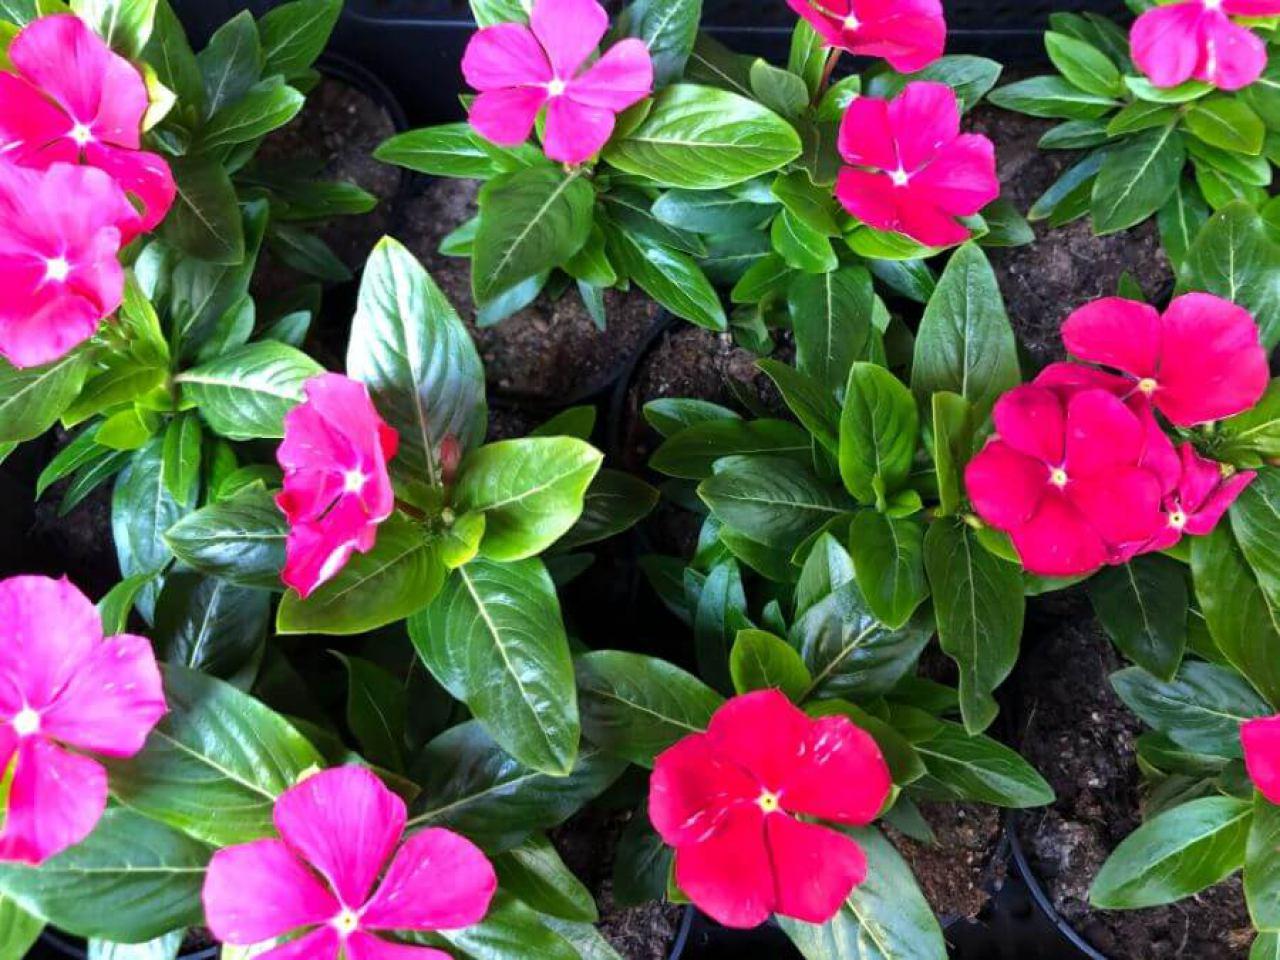 flora-commerce-5936277412.jpg